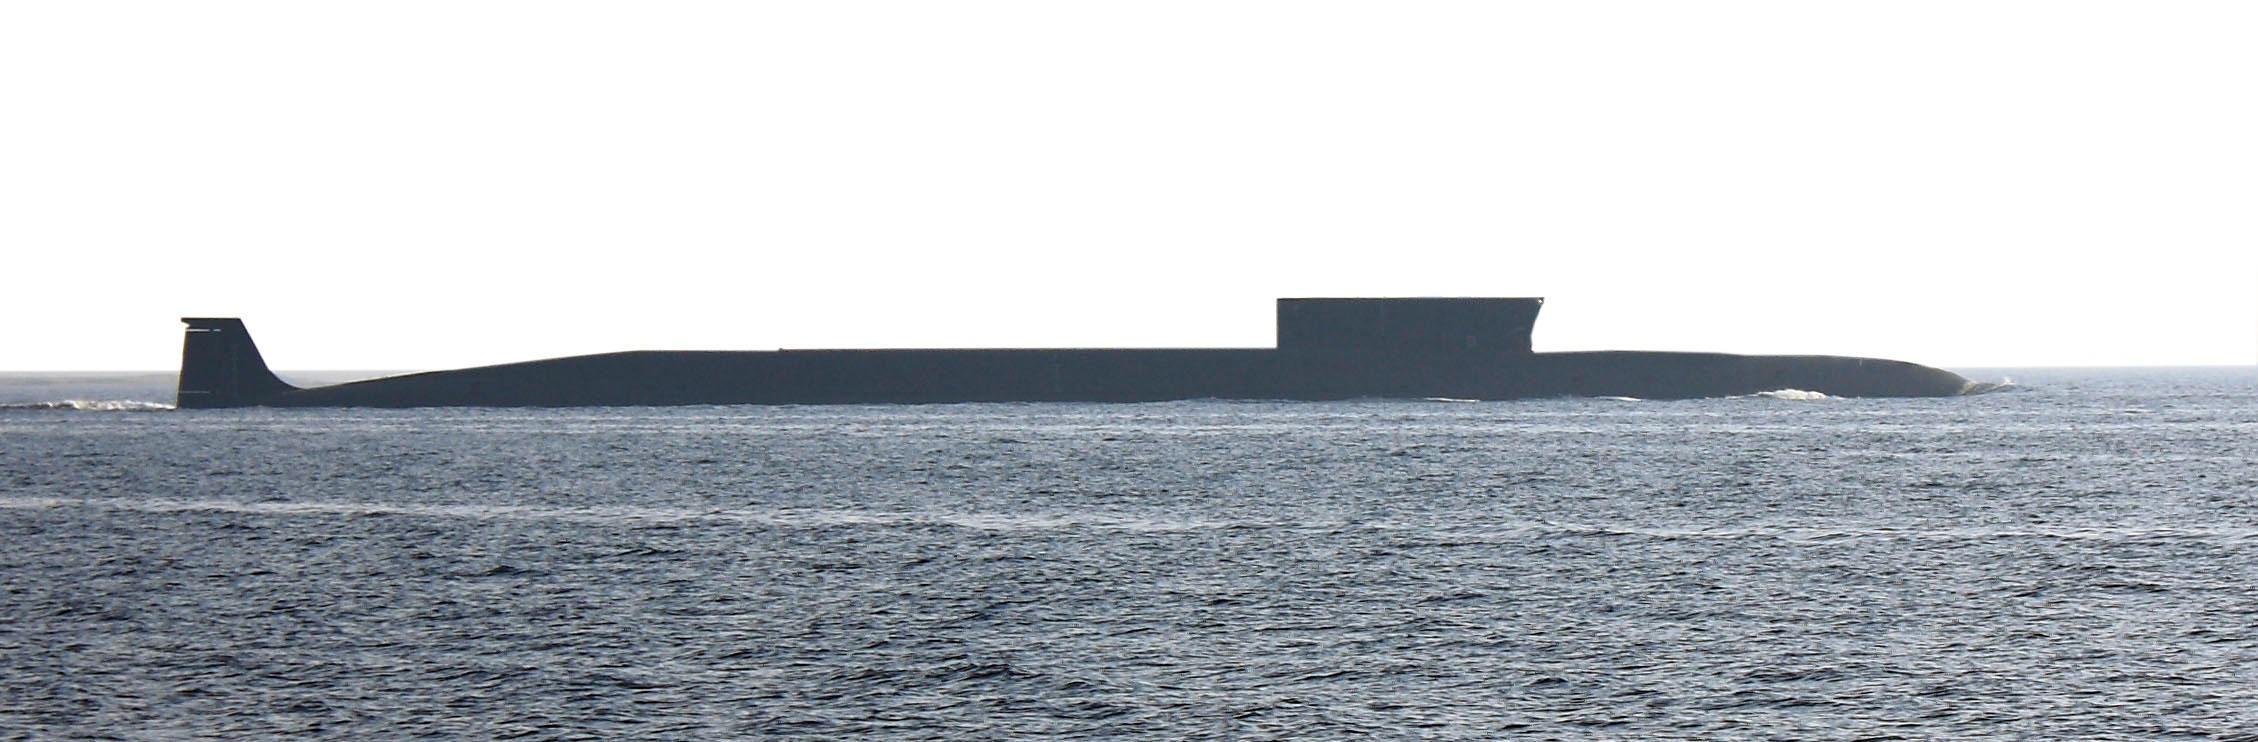 TORPEDOBÆRER: Russlands ubåter i Borei-klassen ble opprinnelig designet for å frakte interkontinentale raketter. Nå er klassen pekt ut som bærere av den nye dommedagstorpedoen «Status-6» skriver Vi Menn.